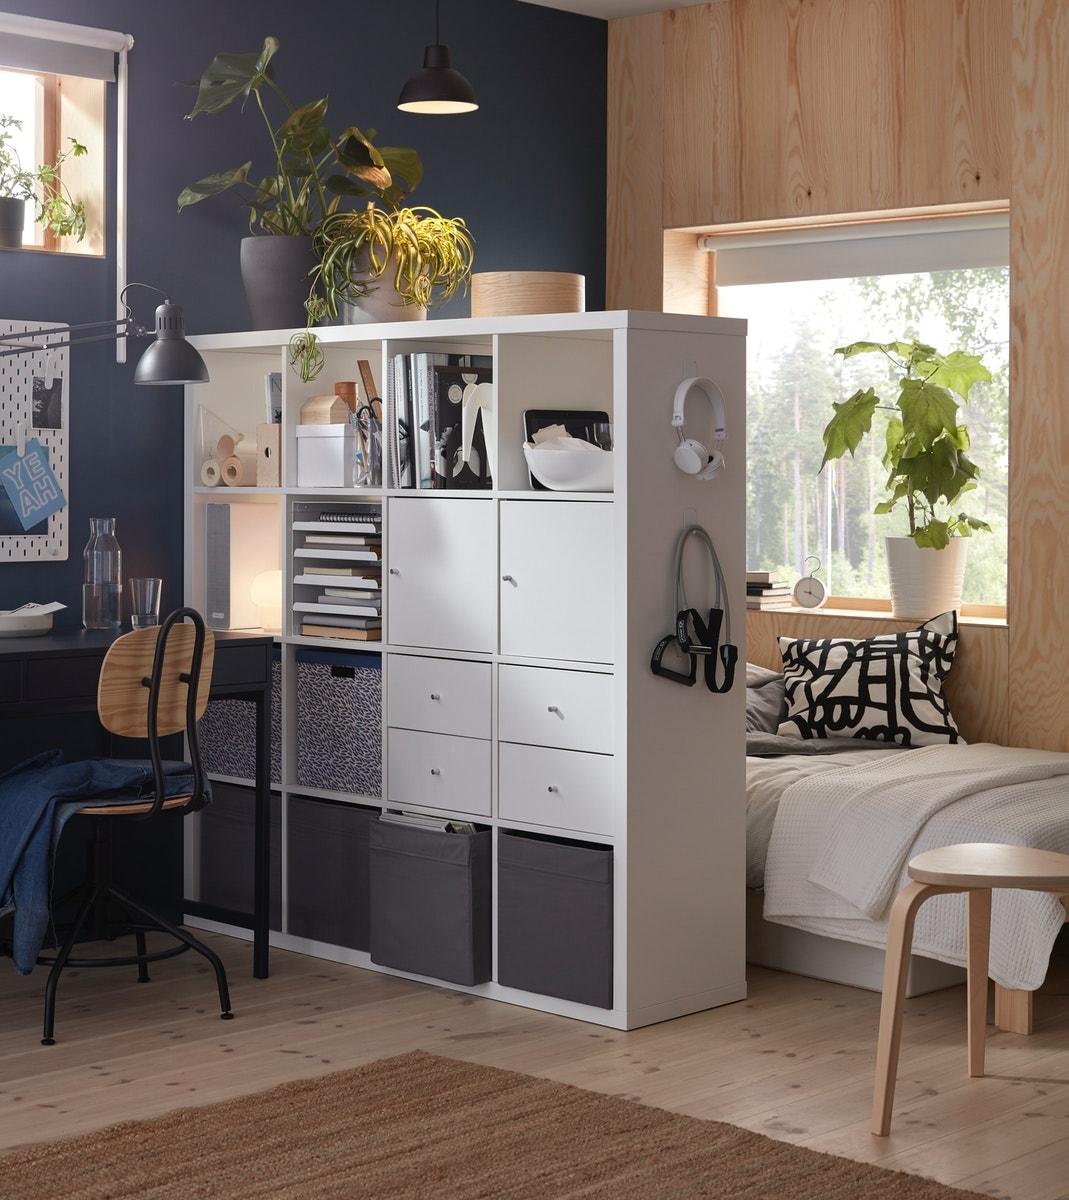 Mein Schlafzimmer Büro: IKEA Expedit Regal + Schreibtisch in